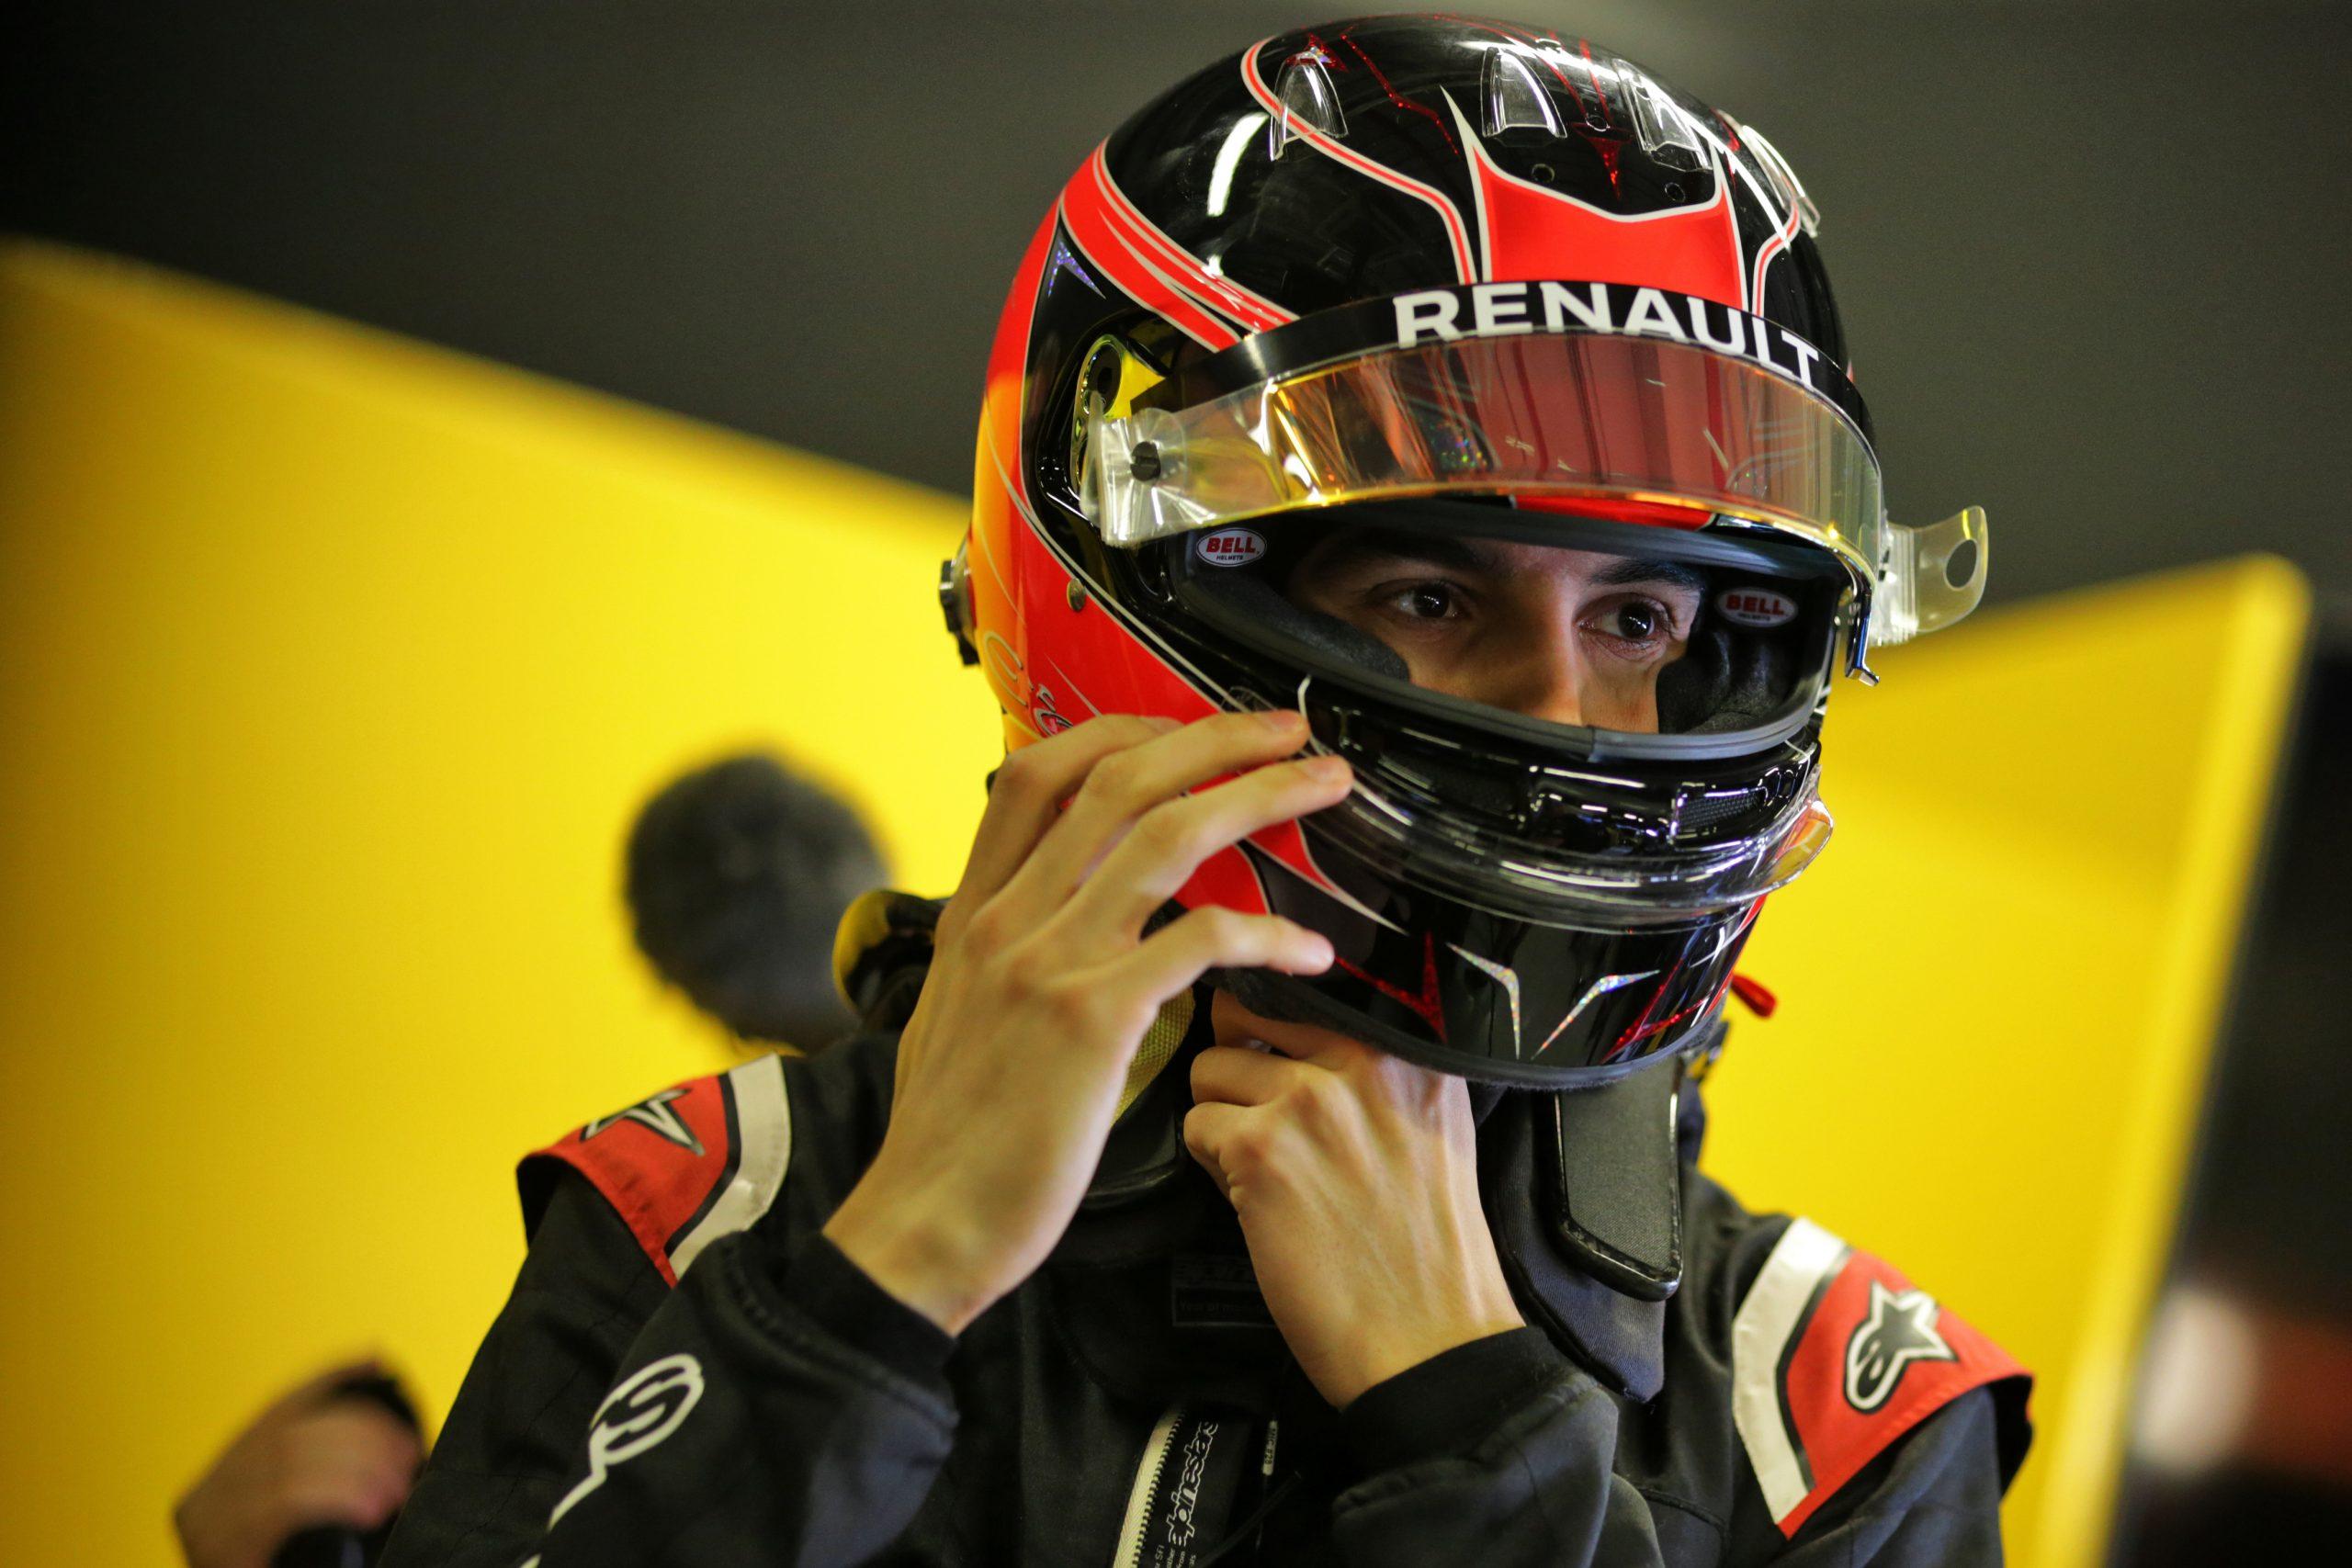 esteban Ocon Renault f1 team 2020